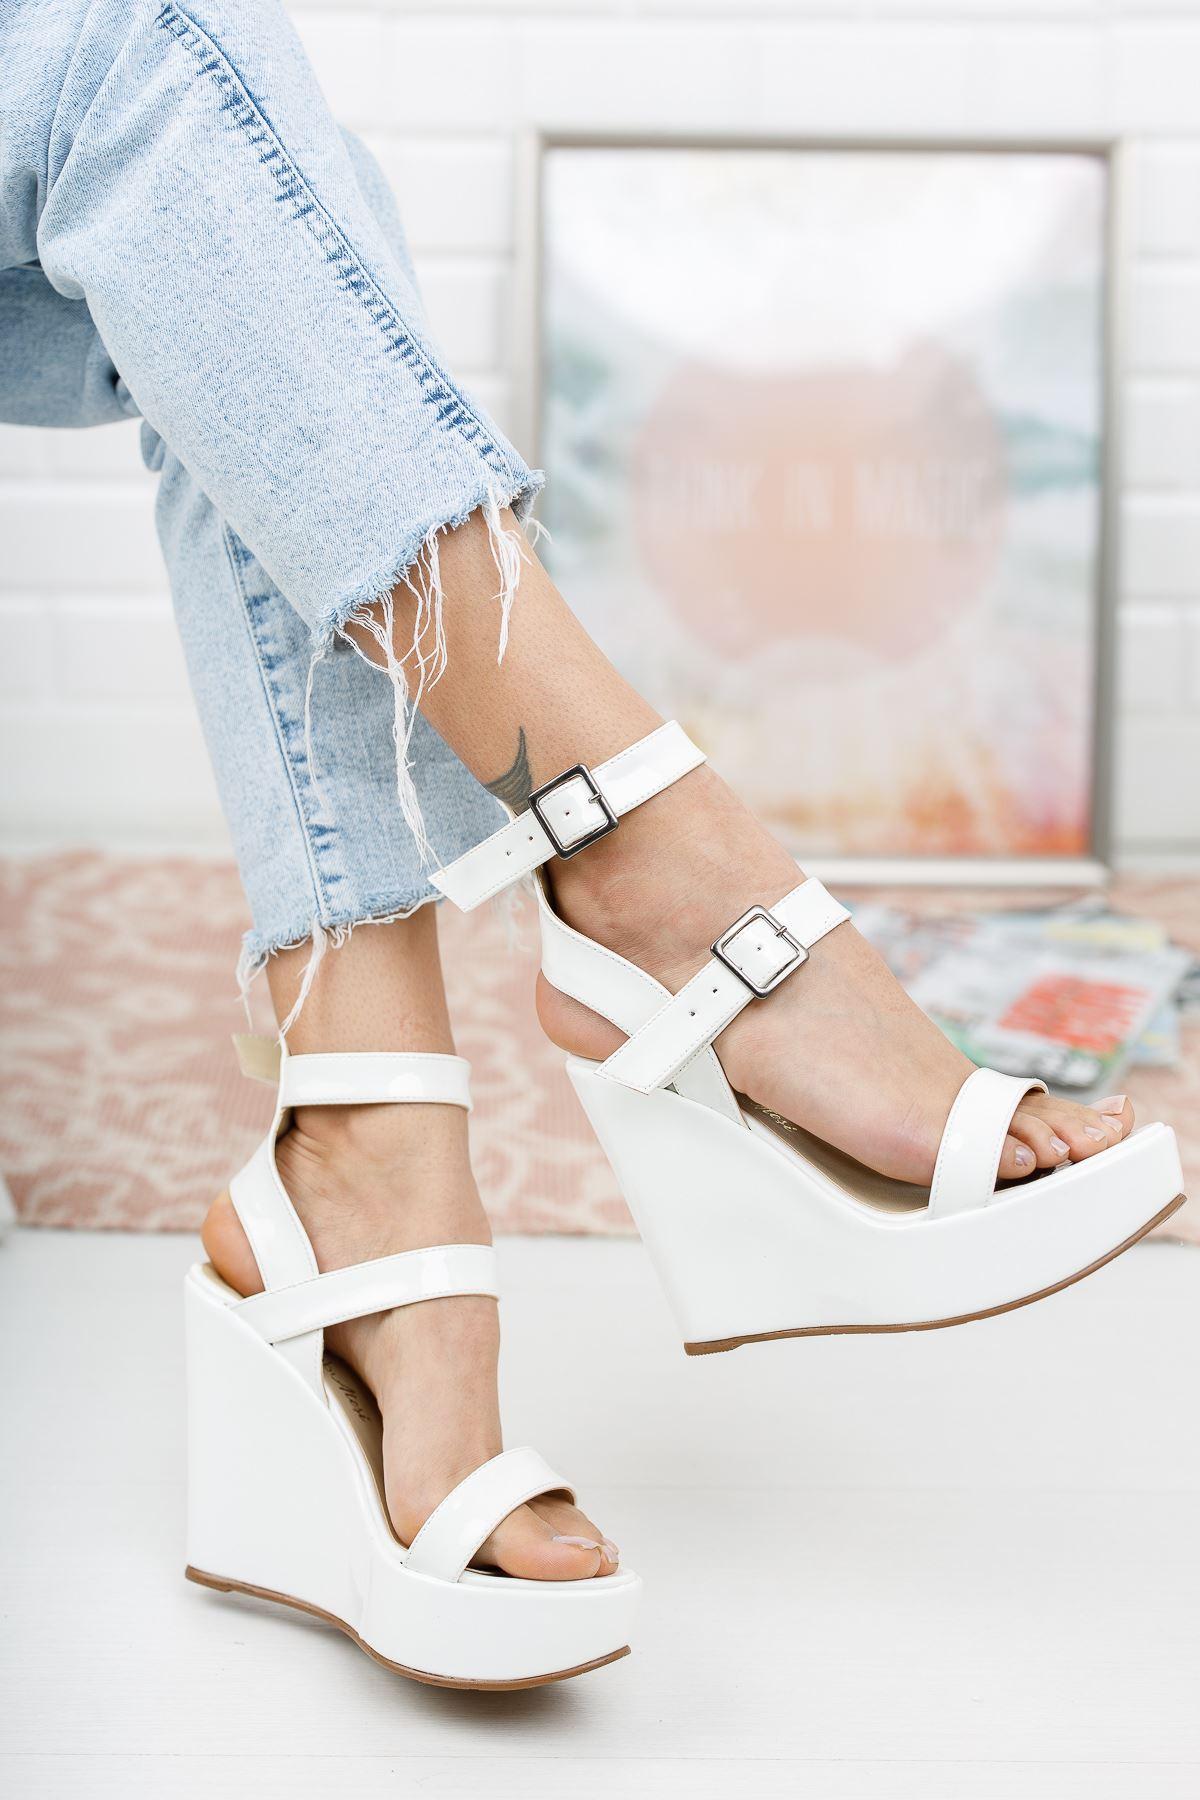 Katie Beyaz Rugan Dolgu Topuklu Ayakkabı